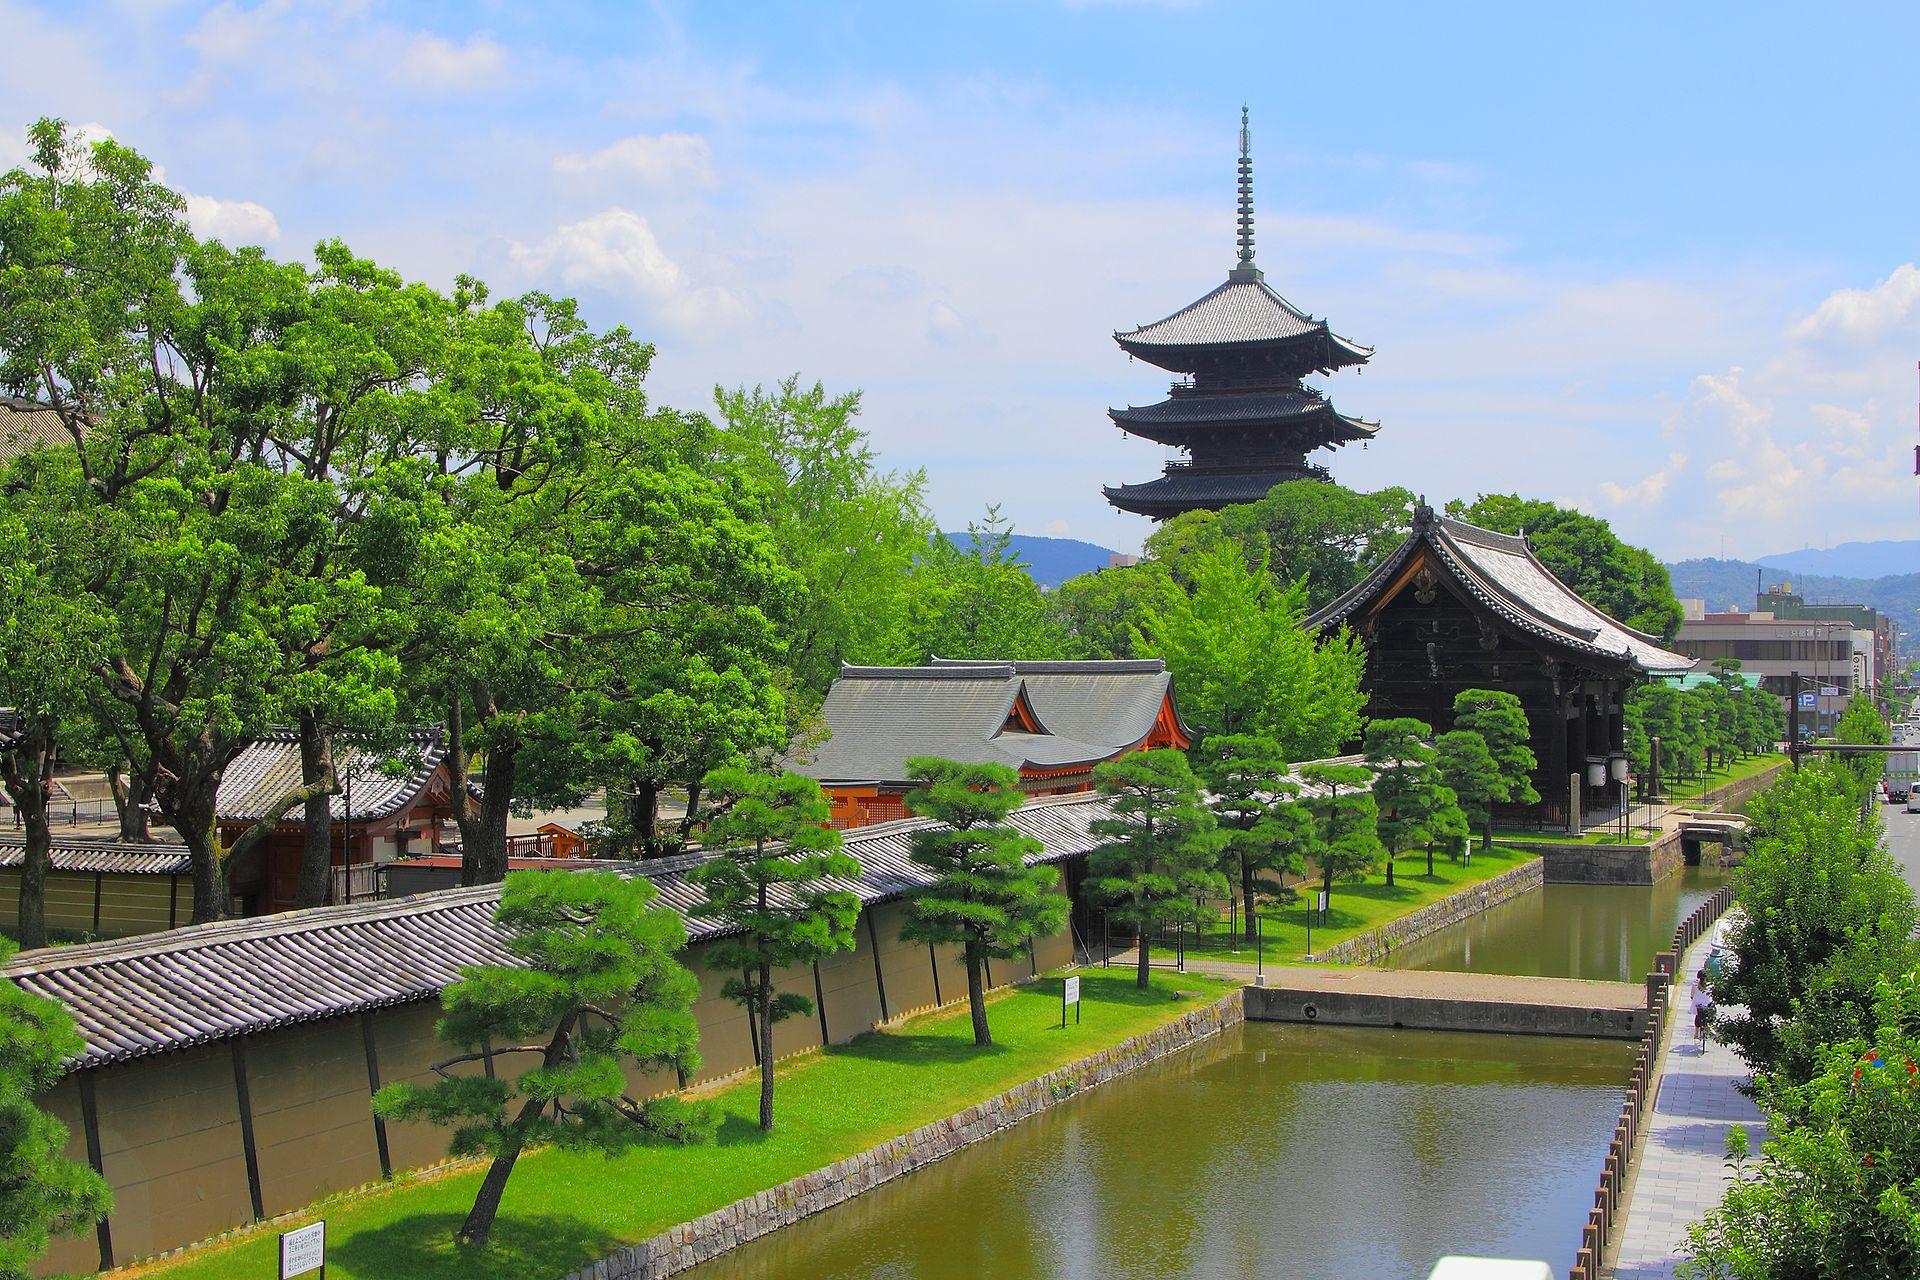 優雅な街並み!京都にある魅力的な世界遺産まとめ 京都世界遺産